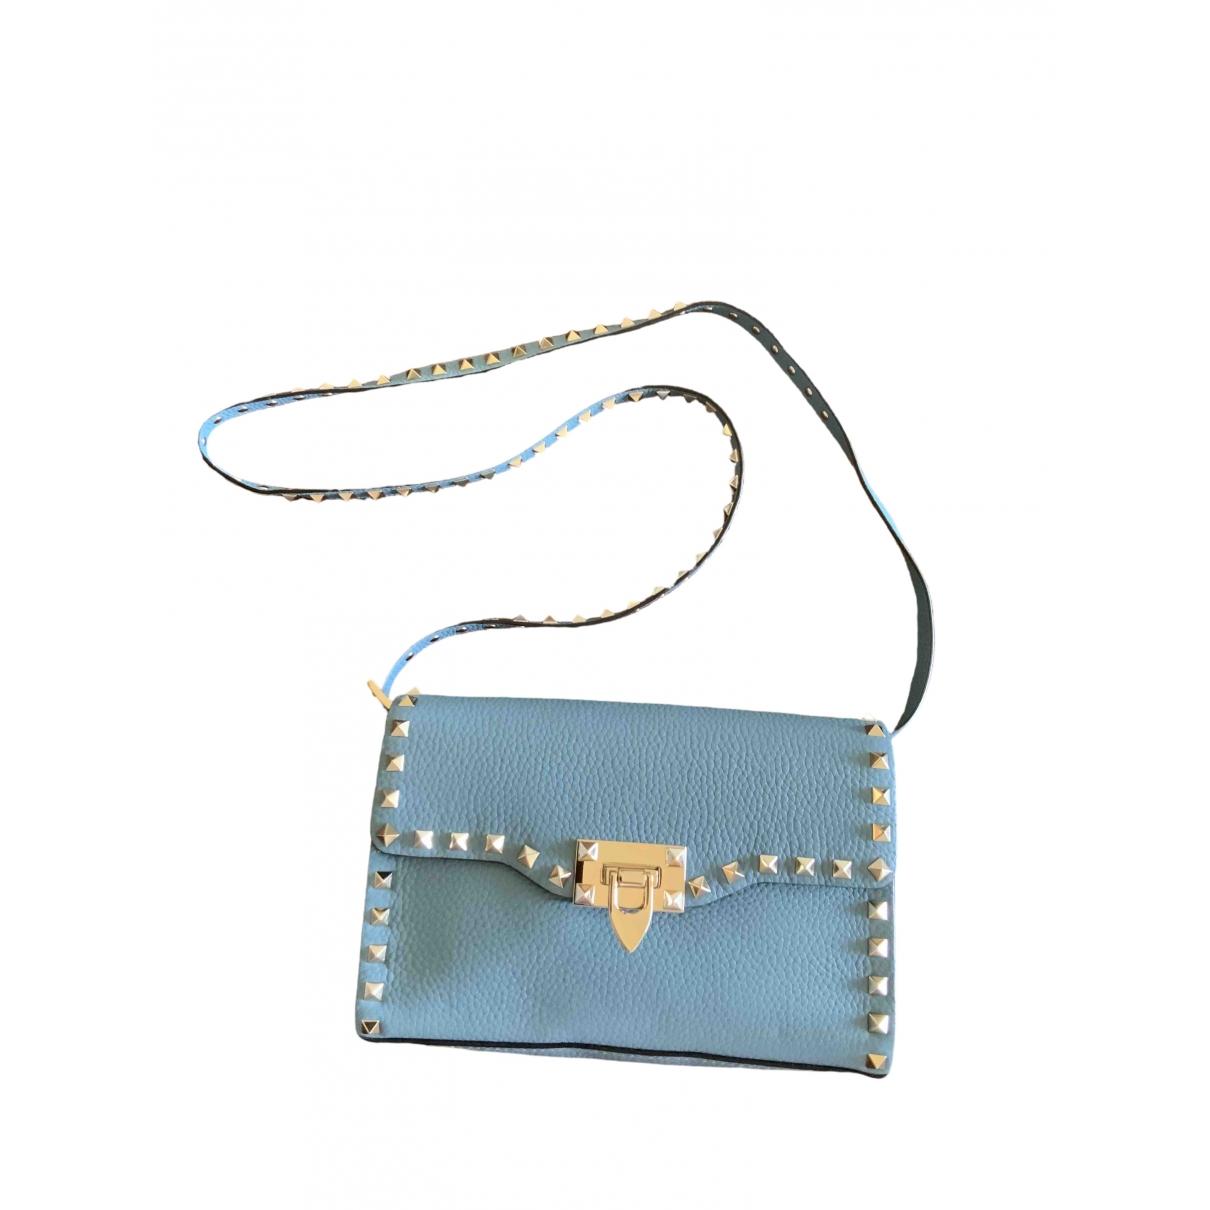 Valentino Garavani - Sac a main Rockstud pour femme en cuir - bleu